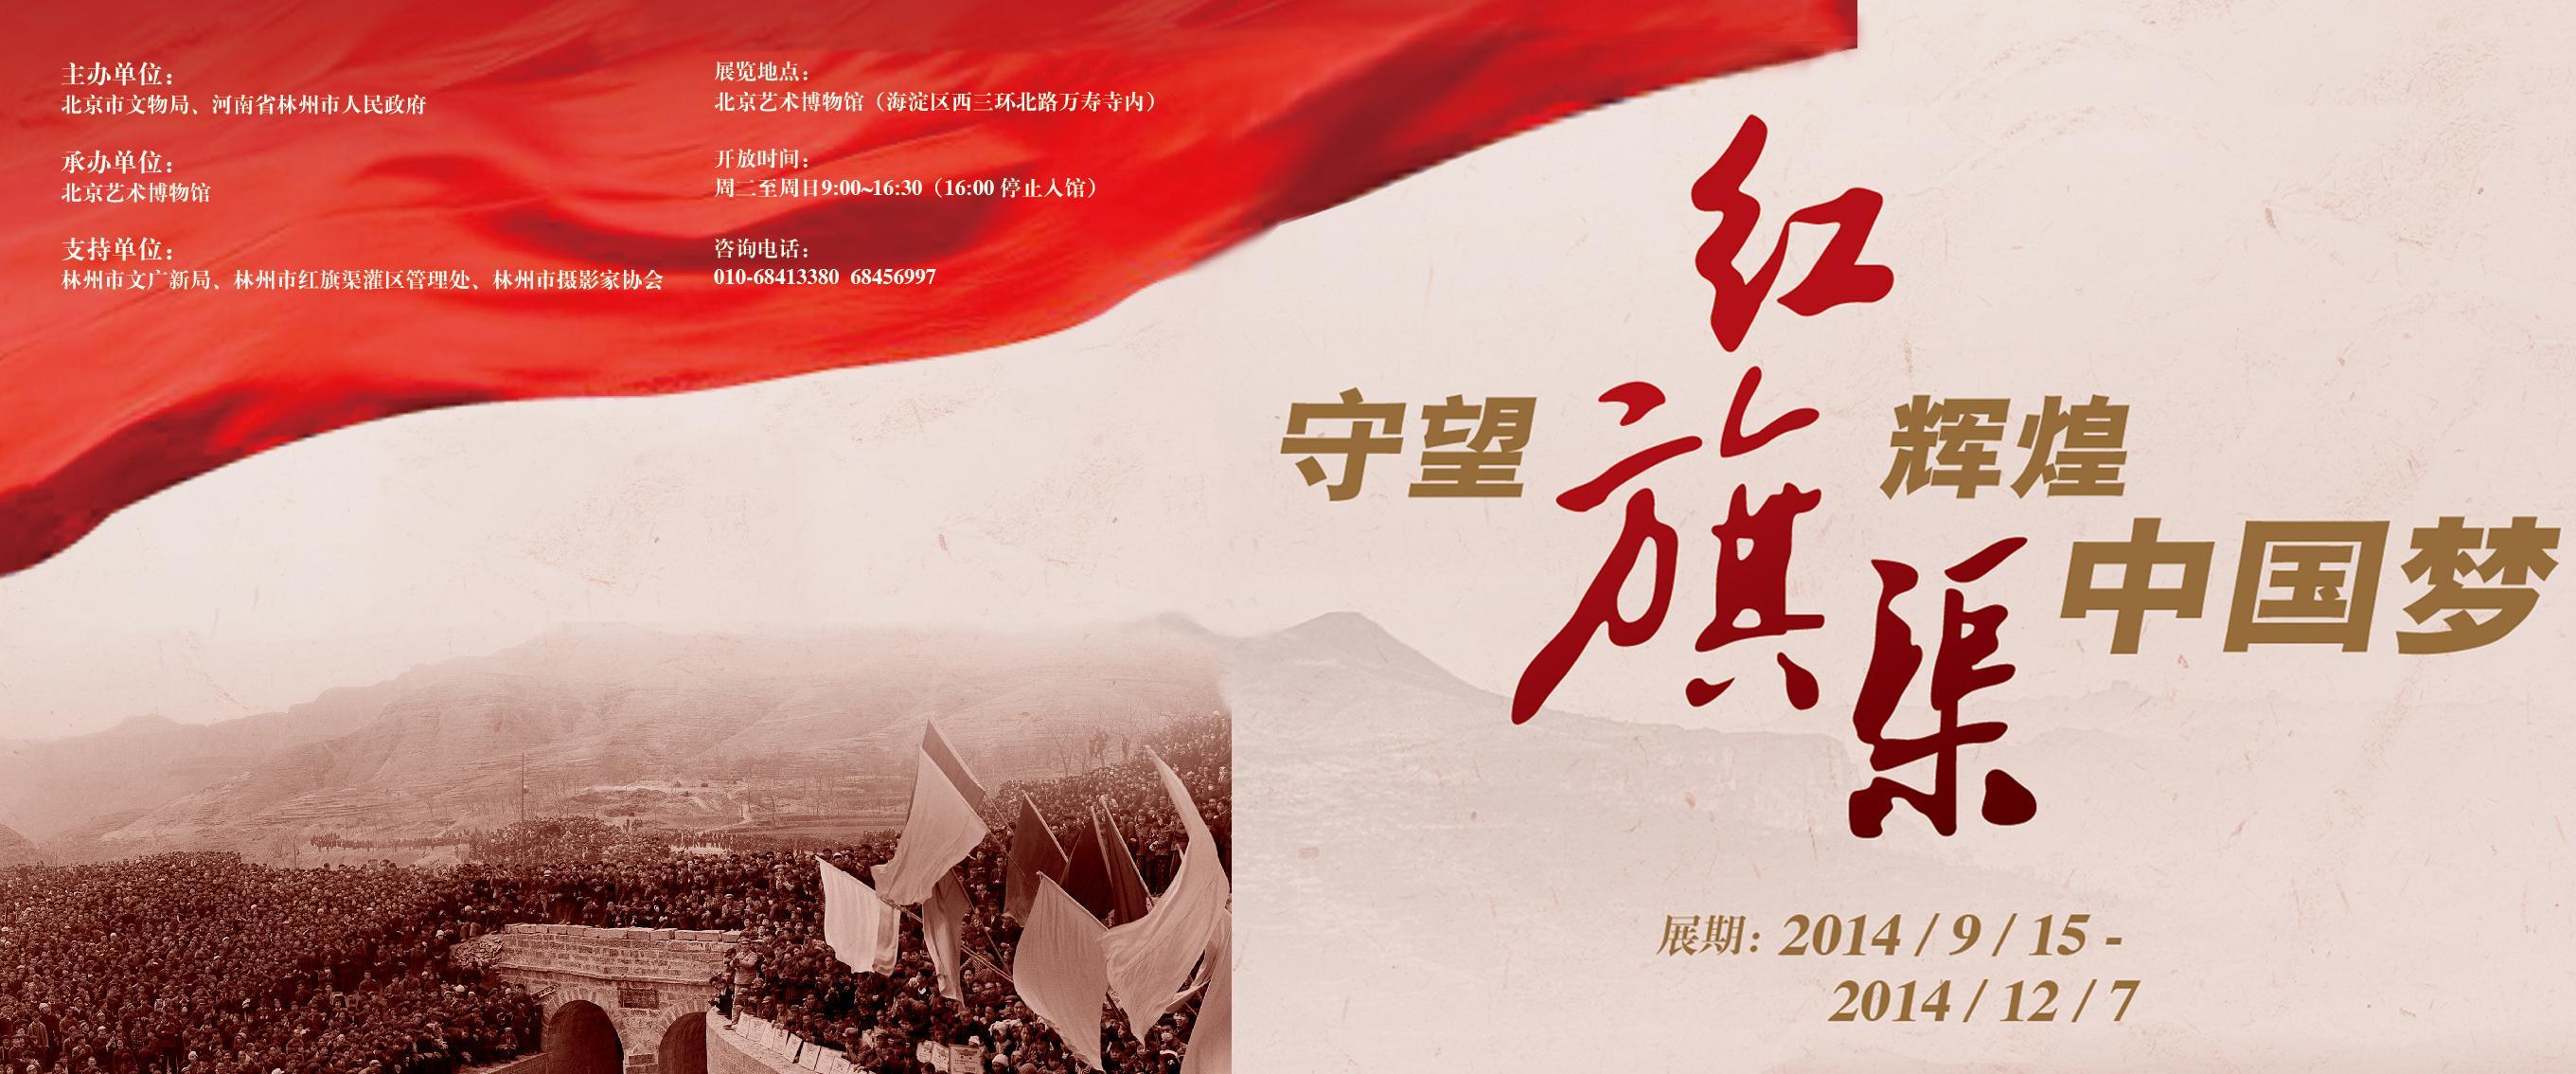 中国梦-追求幸福的梦-守望红旗渠,辉煌中国梦图片